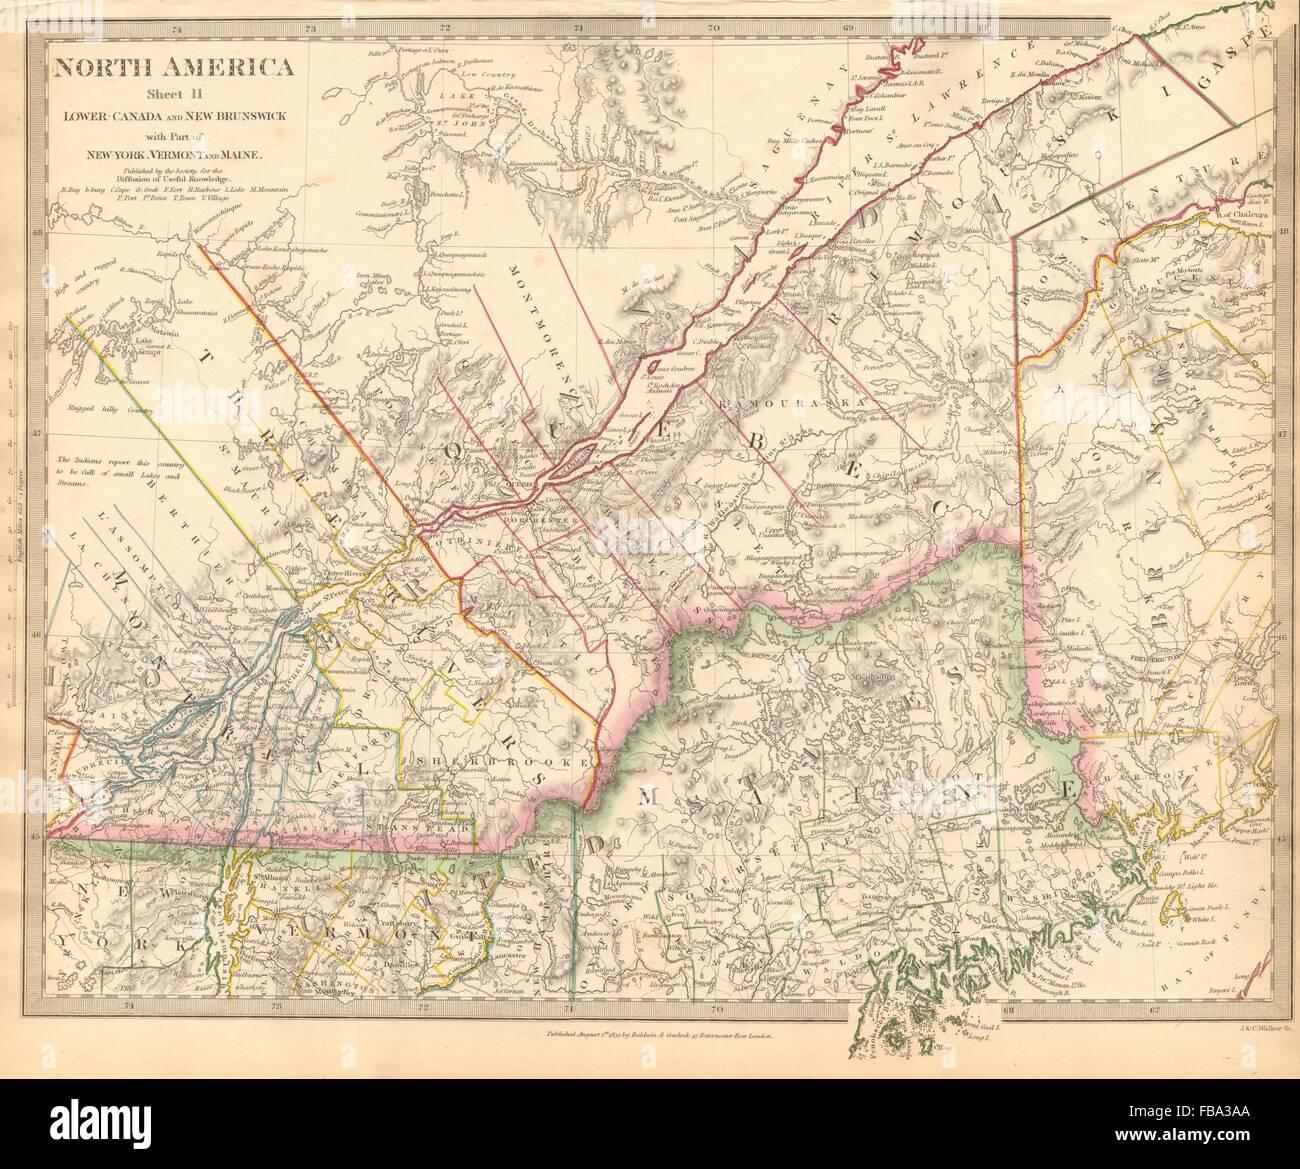 QUEBEC Québec CanadaMontrealThree RiversMaineNew Stock Photo - Map of maine rivers